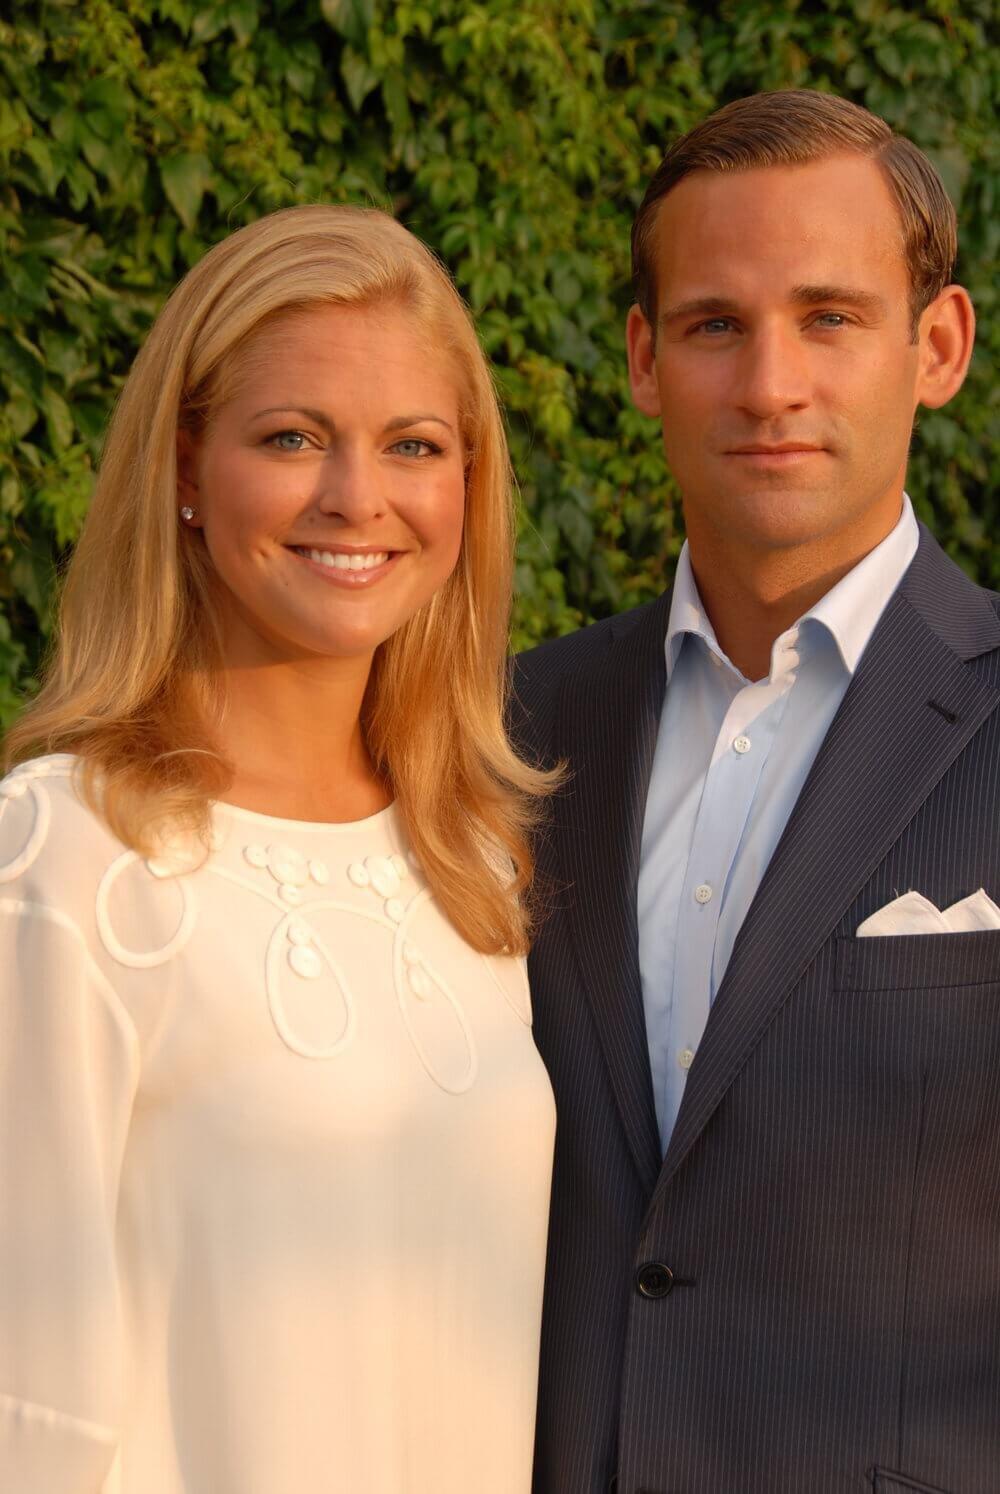 Prinzessin Madeleine und Jonas Bergström wirkten so glücklich, doch der Schein trügte. © The Royal Court